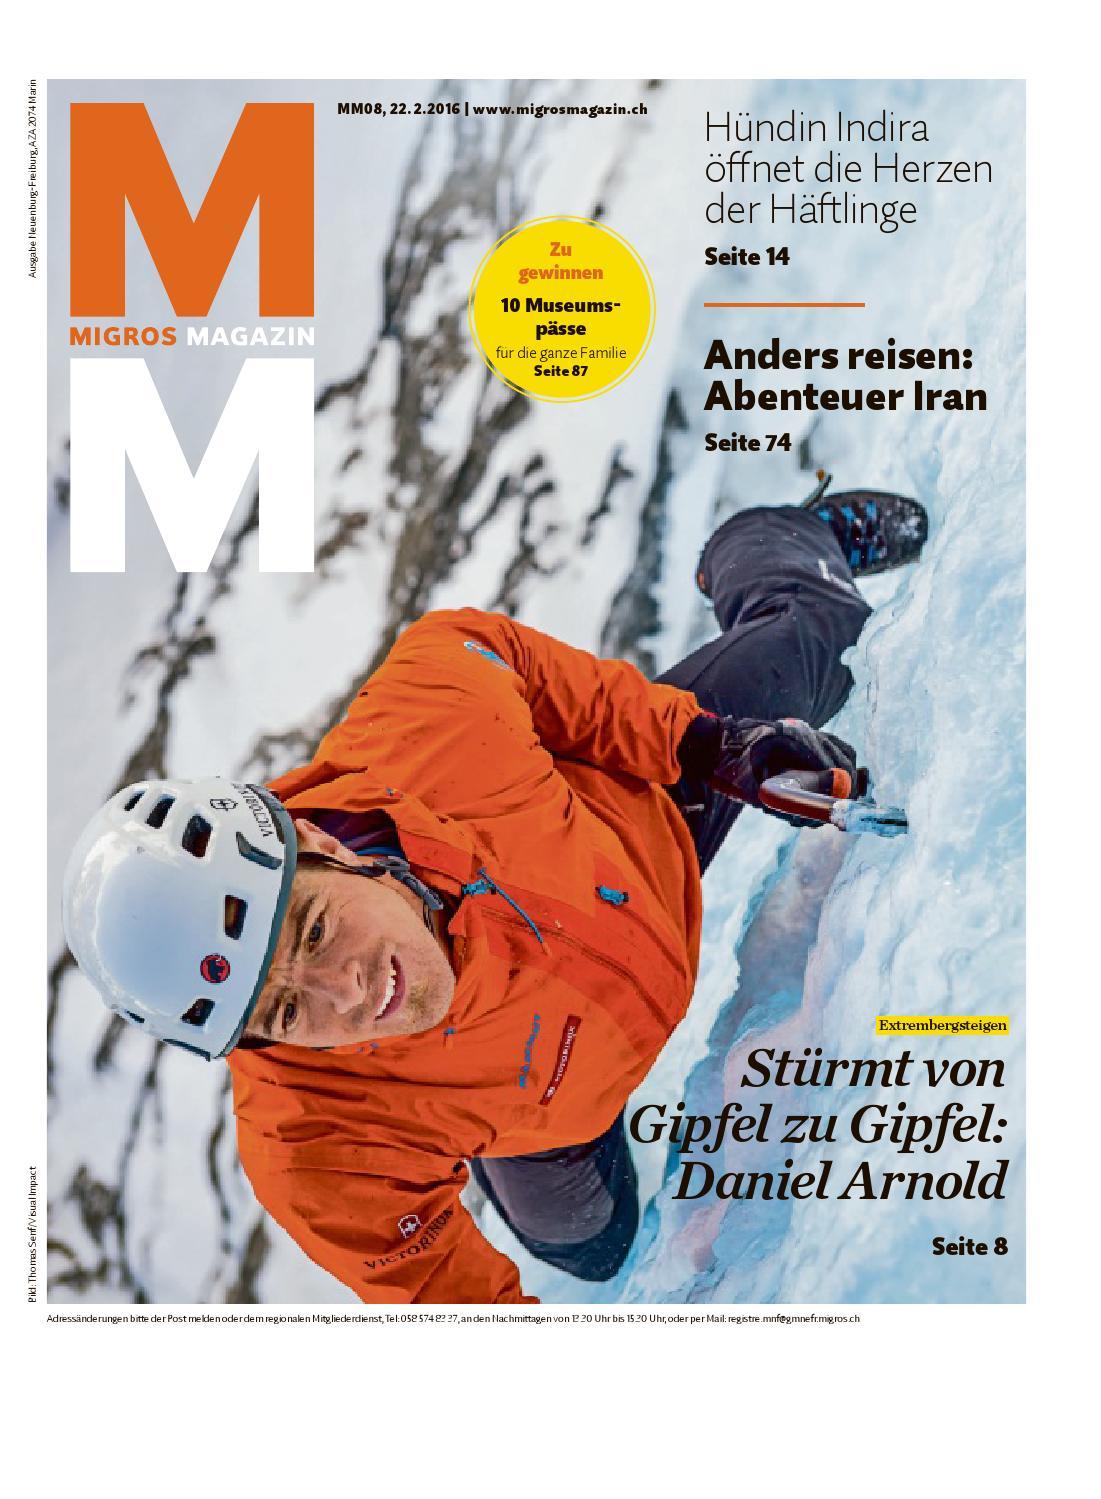 Migros magazin 08 2016 d ne by Migros-Genossenschafts-Bund - issuu